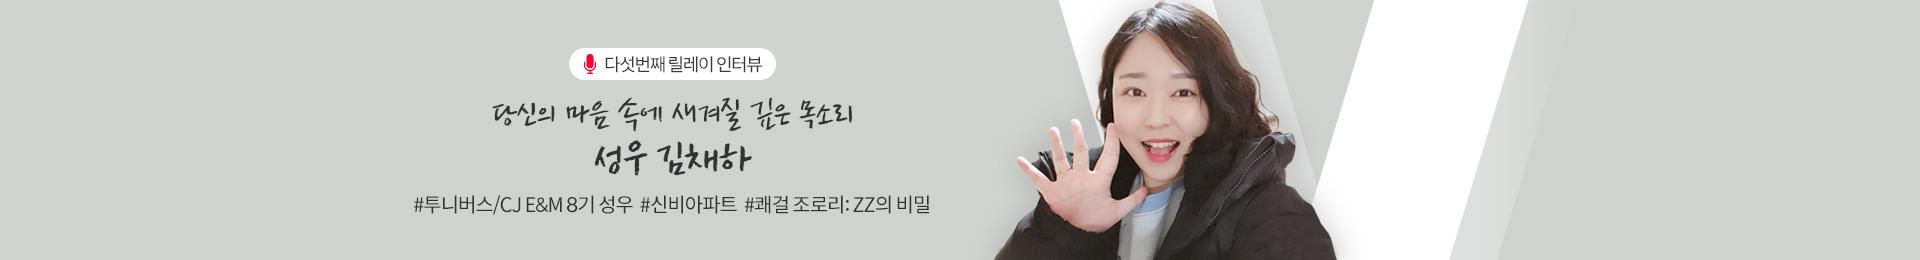 다섯번째 릴레이인터뷰 성우 김채하